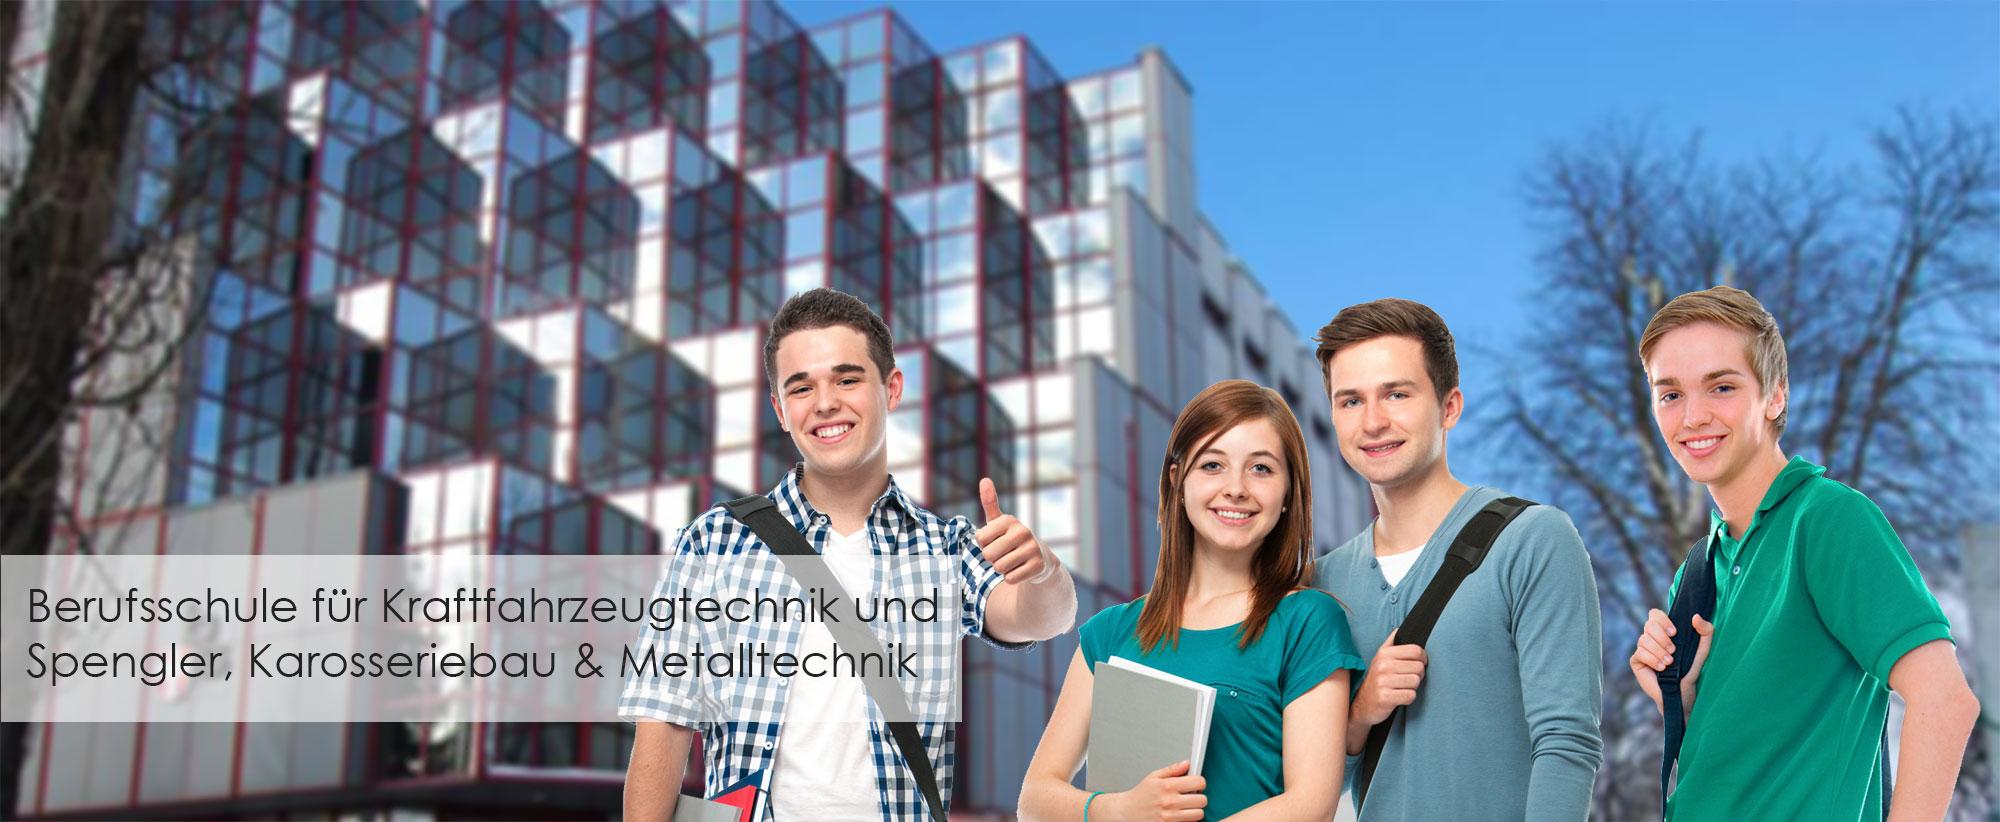 lehrer blog berufsschule